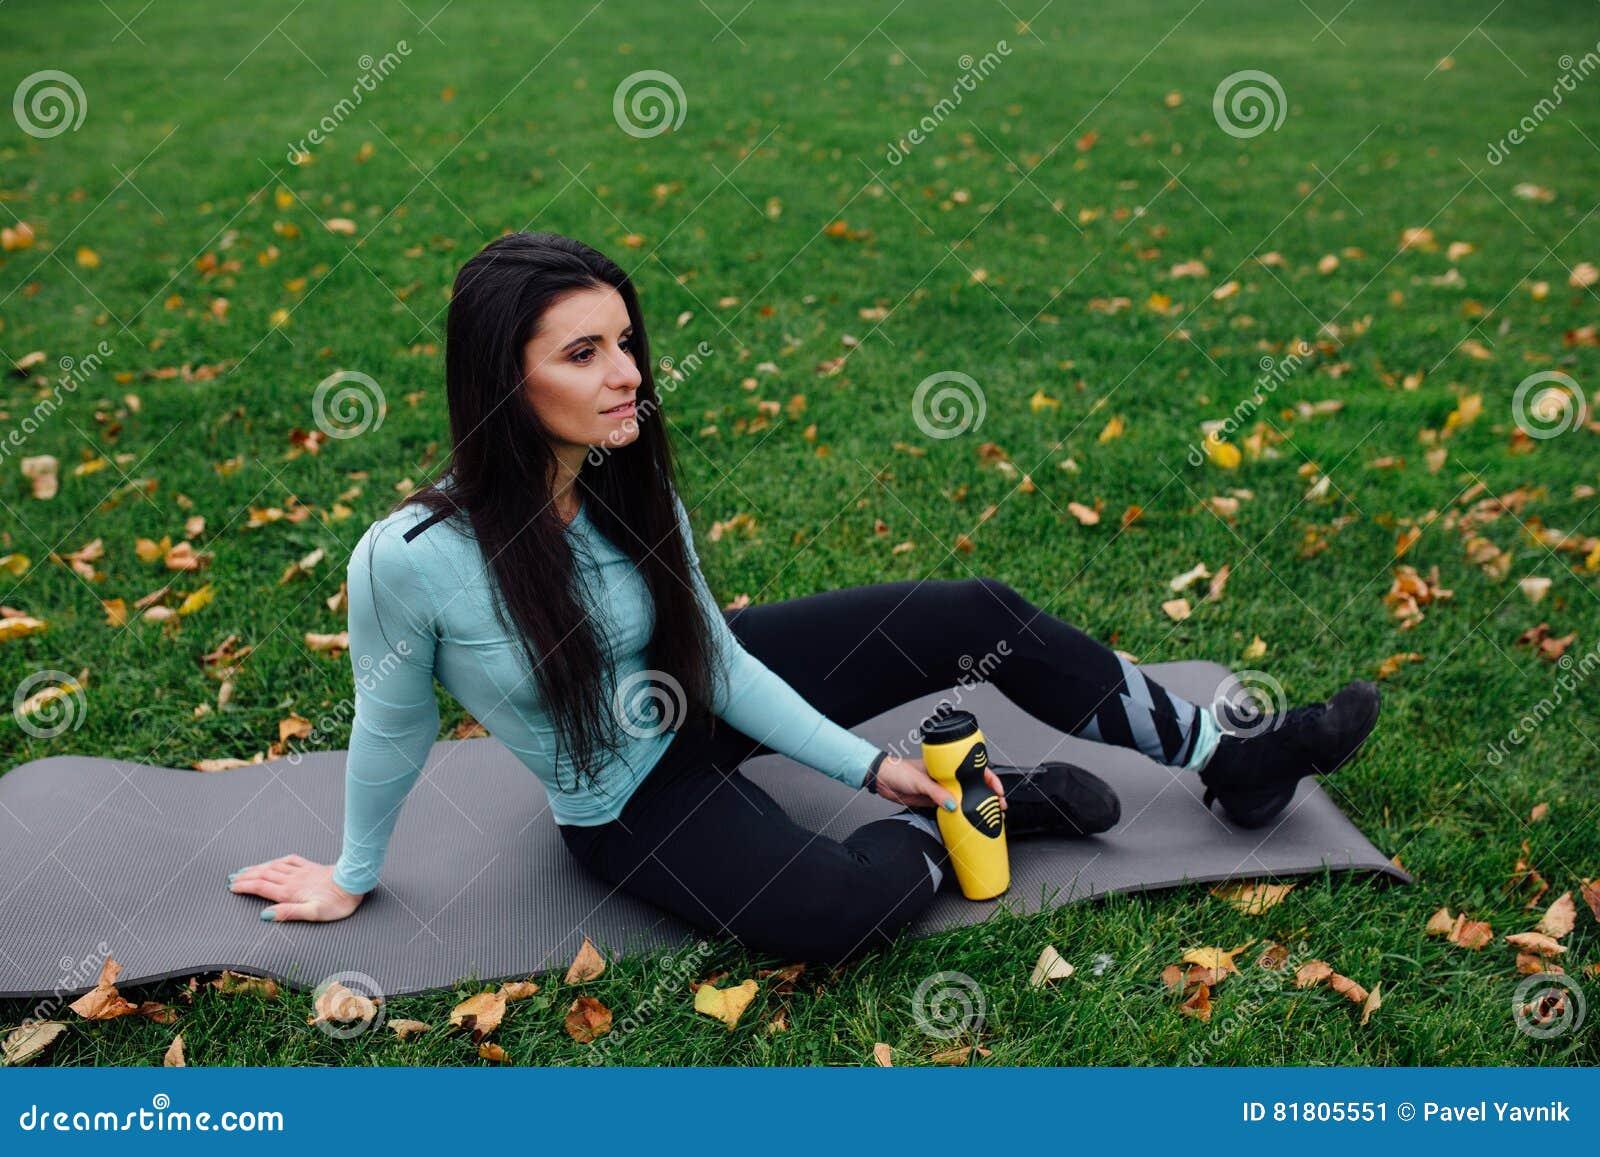 Красивая девушка с бутылкой воды в руку на траве